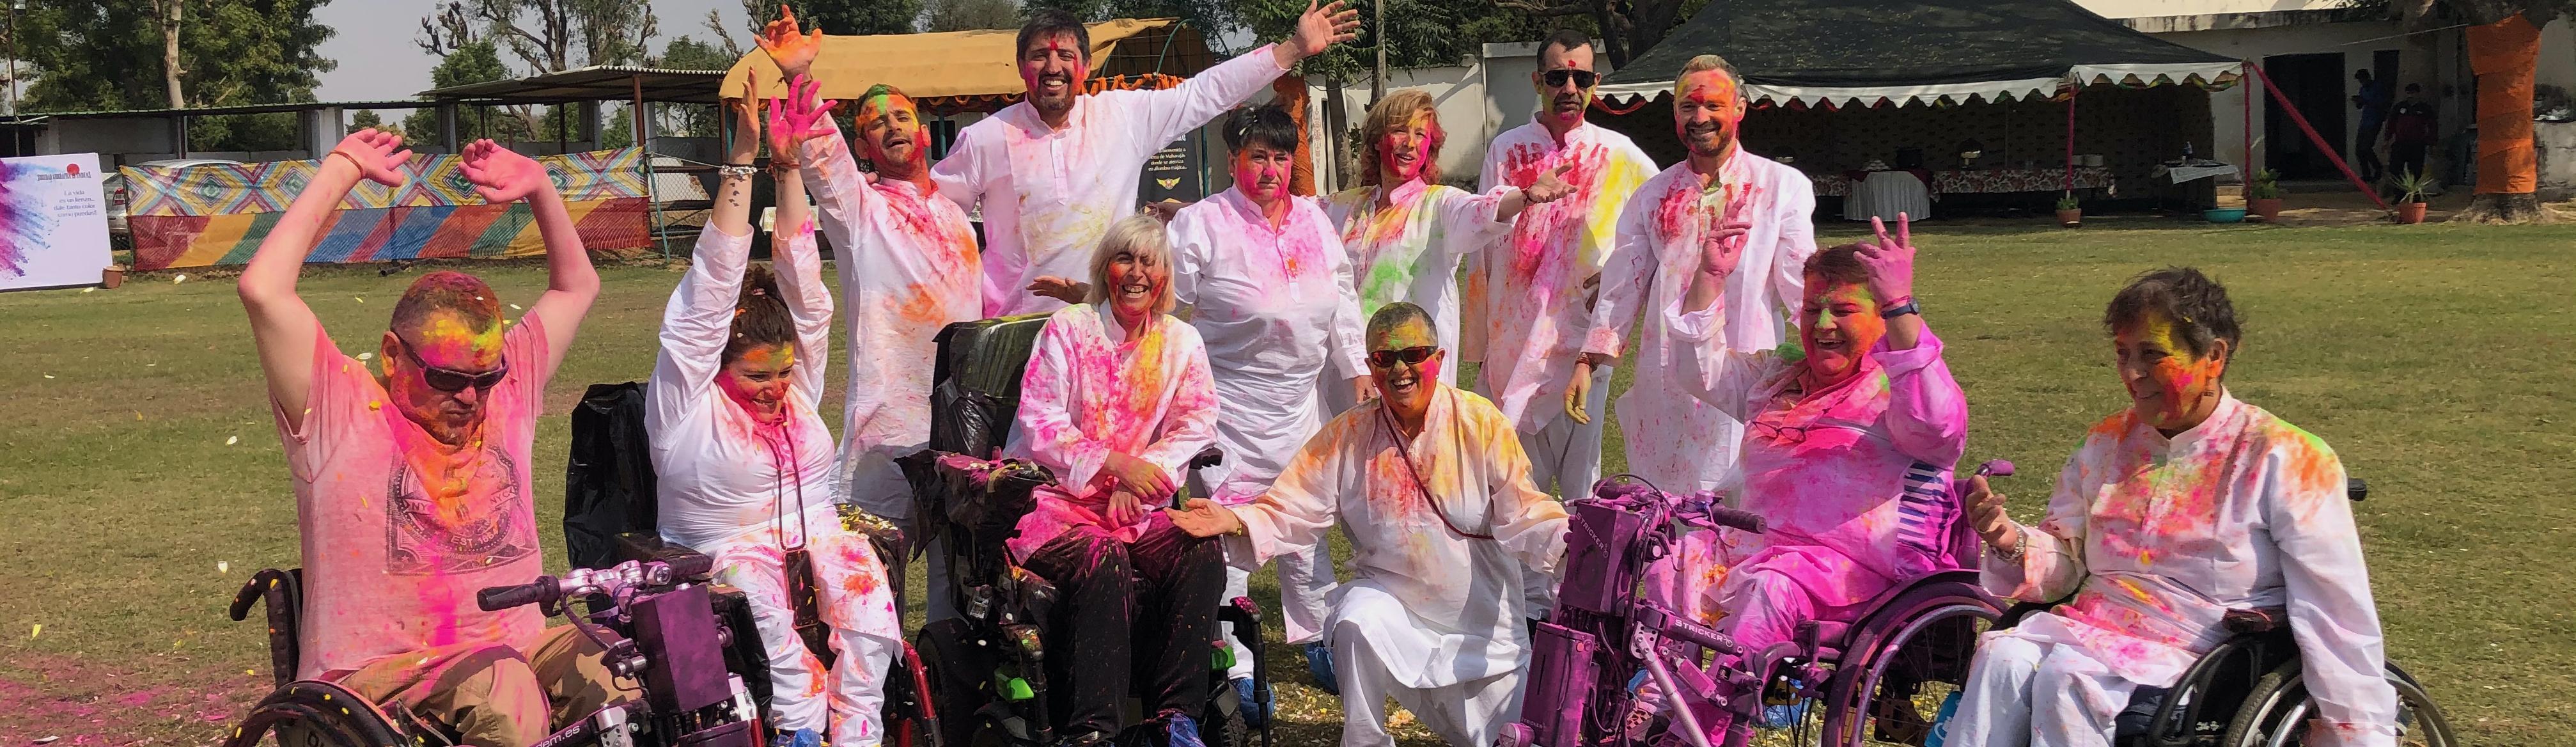 Viaje accesible a India en silla de ruedas para personas con discapacidad